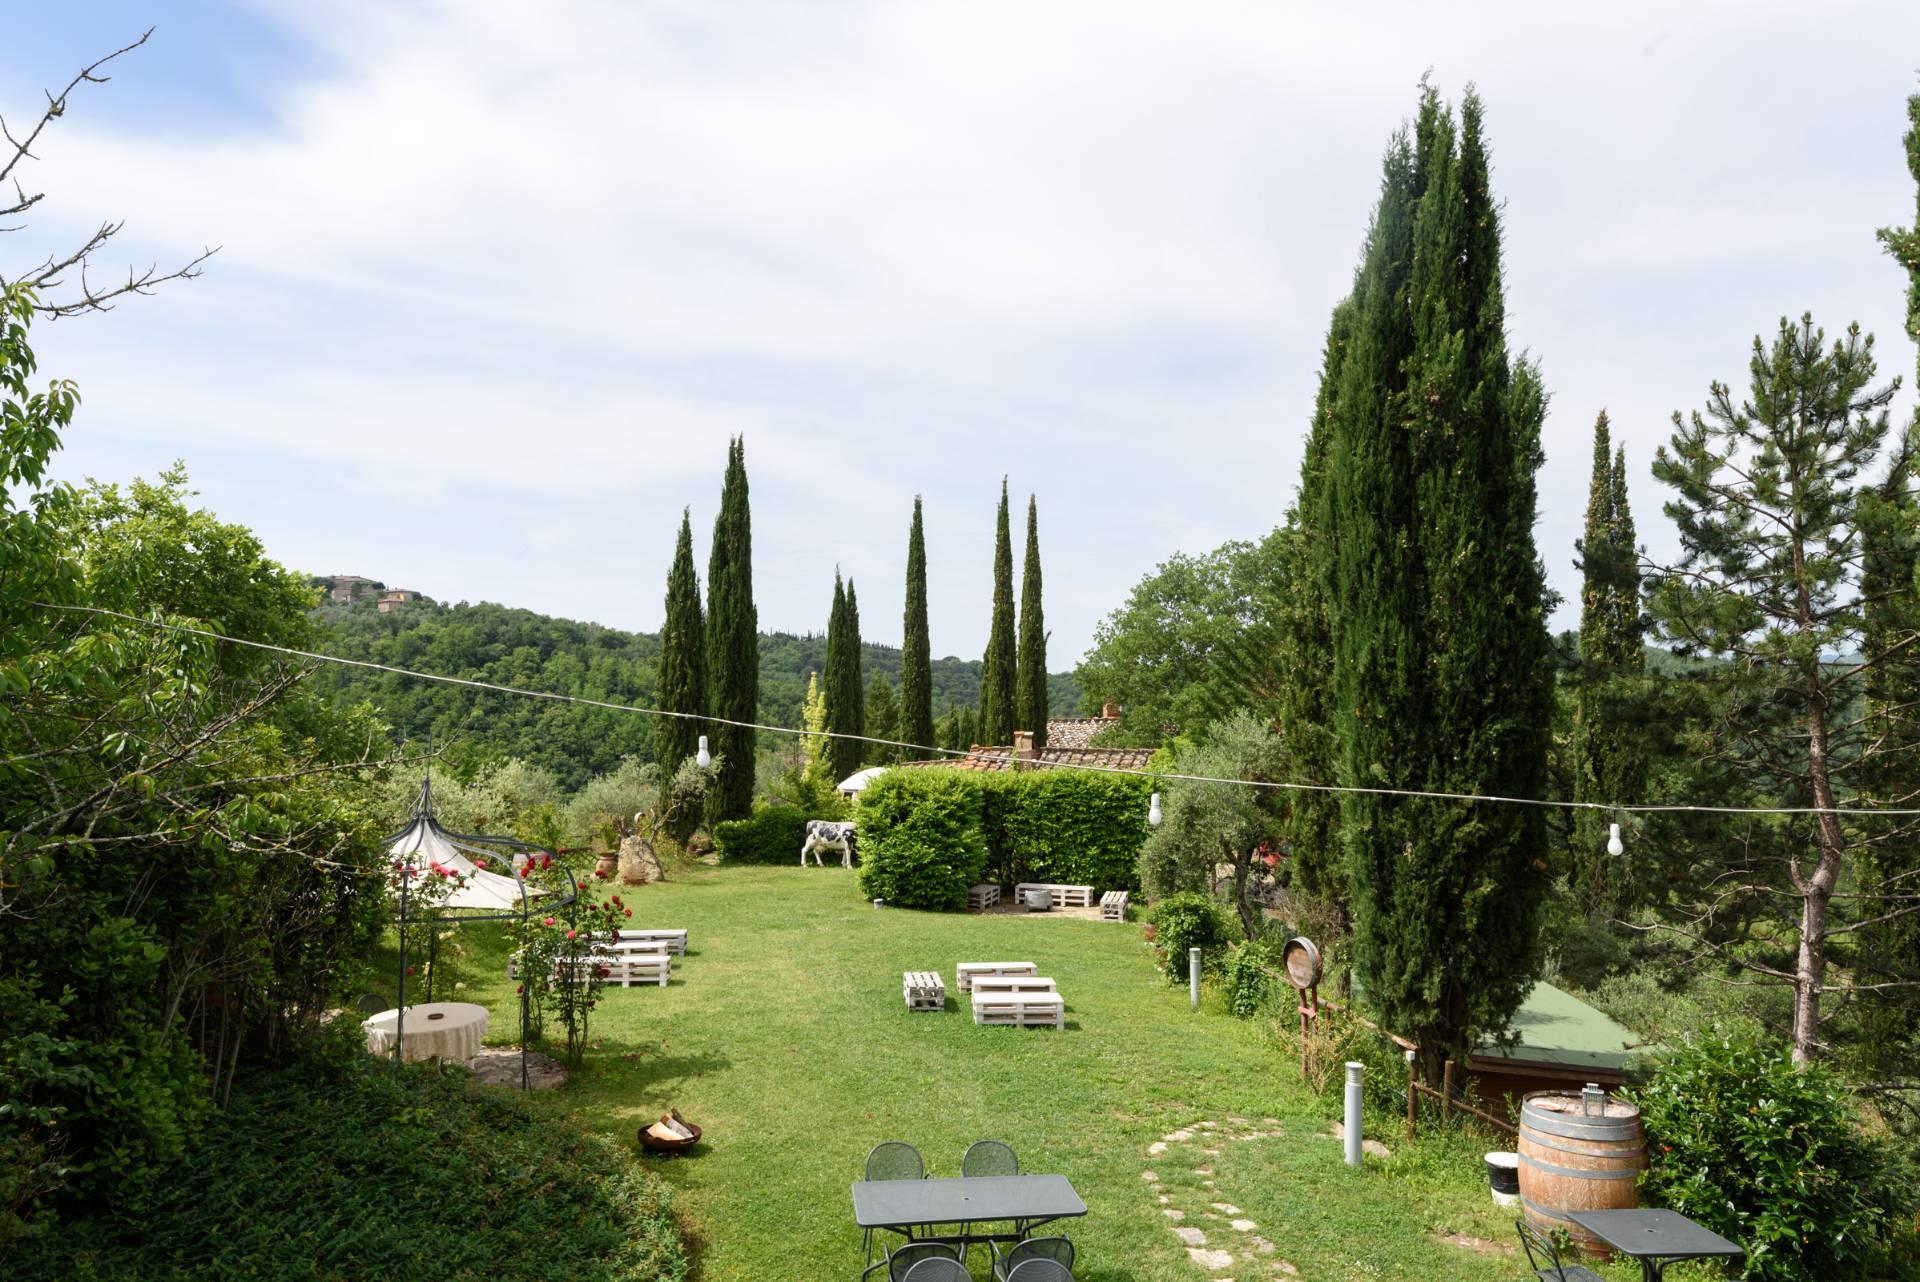 Rustico in Vendita a Gaiole In Chianti: 5 locali, 2170 mq - Foto 8